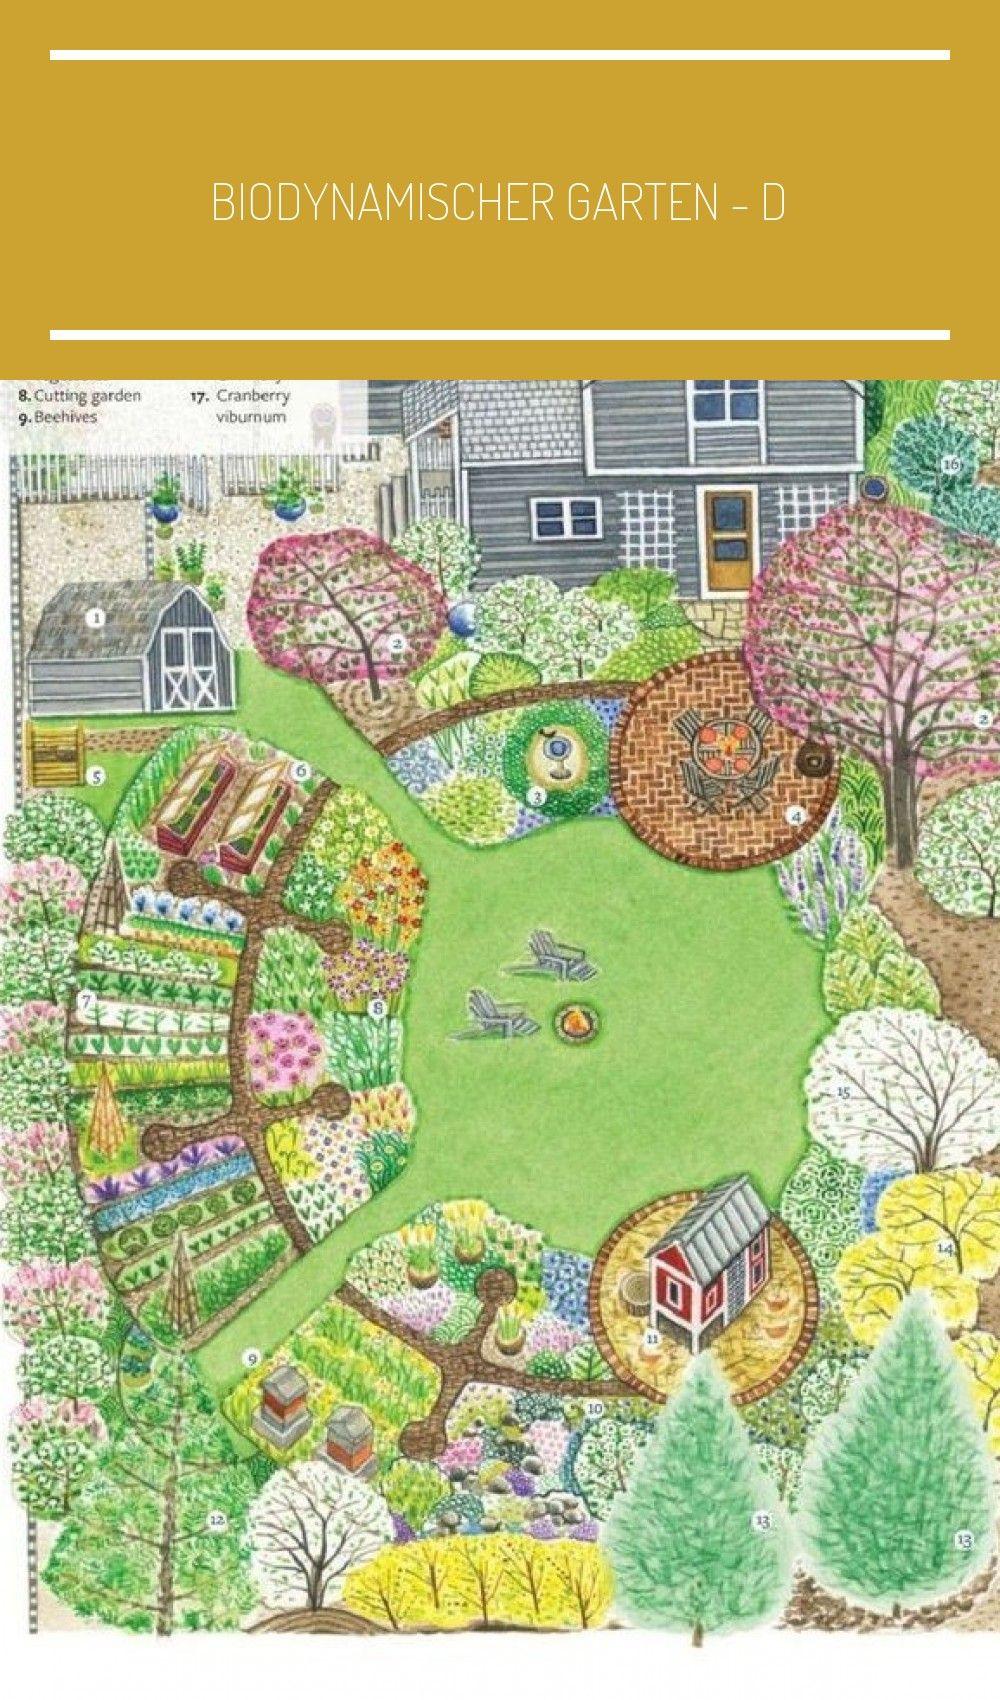 Biodynamischer Garten Dies Ist Ein Ausgezeichneter Plan Die Garten Von Ausgezei Ausgezei Ausgezeichneter Kuchengarten Planer Layout Garten